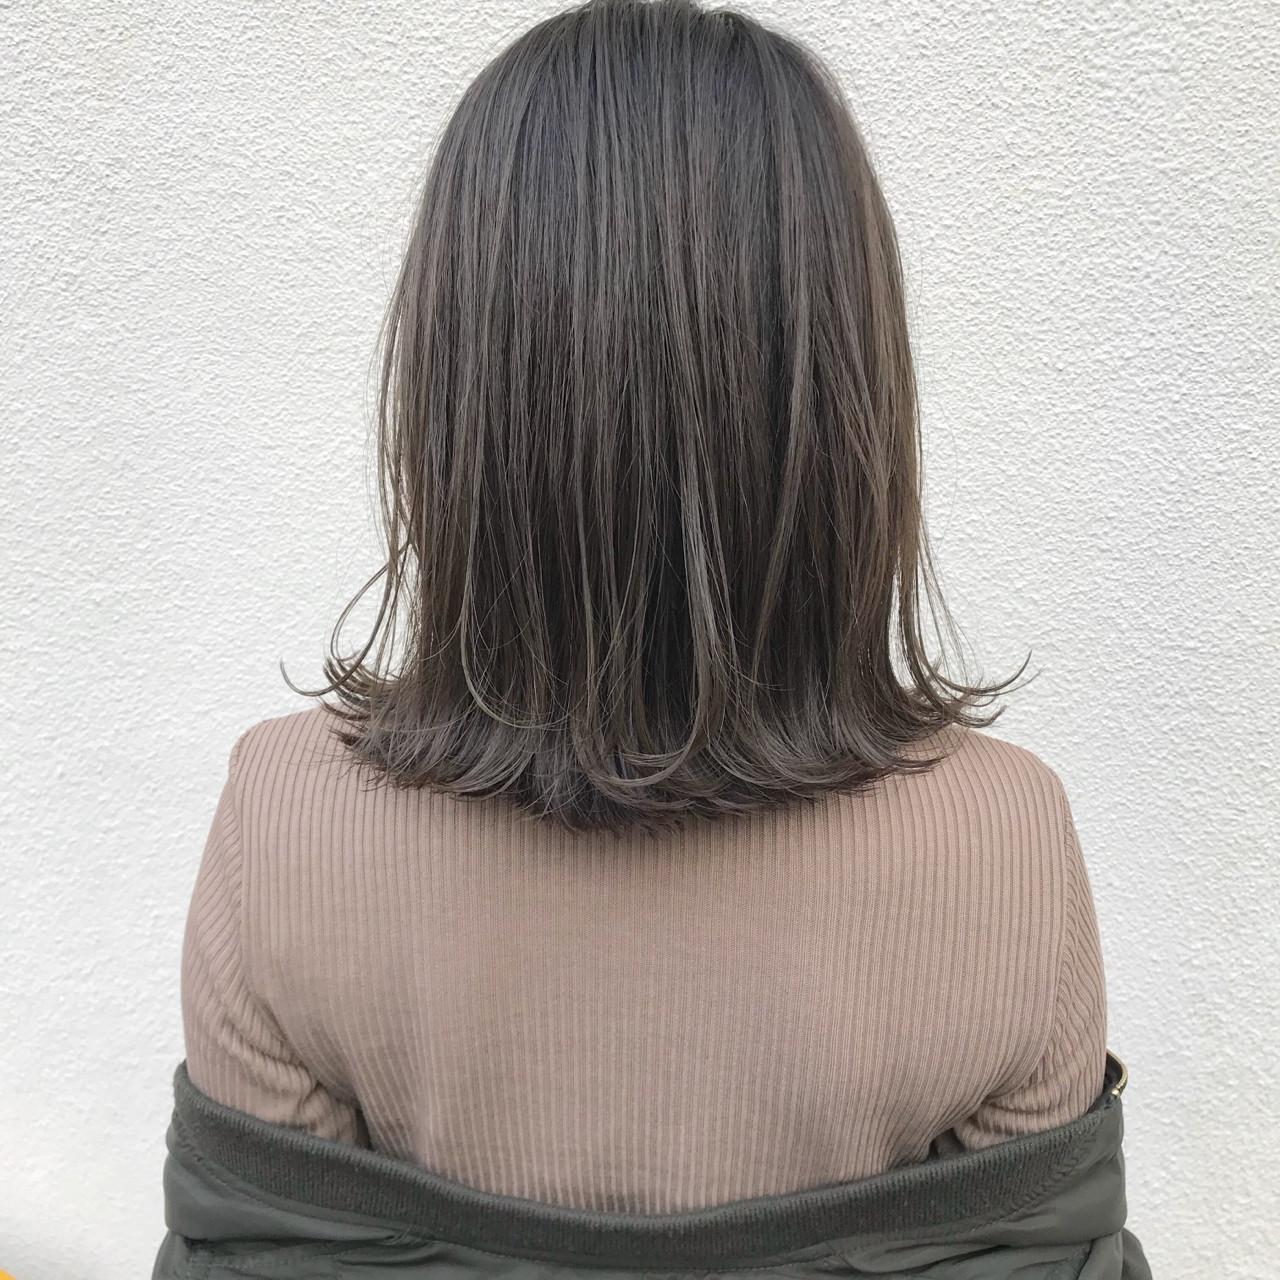 ナチュラル ロブ ゆるふわ アンニュイ ヘアスタイルや髪型の写真・画像